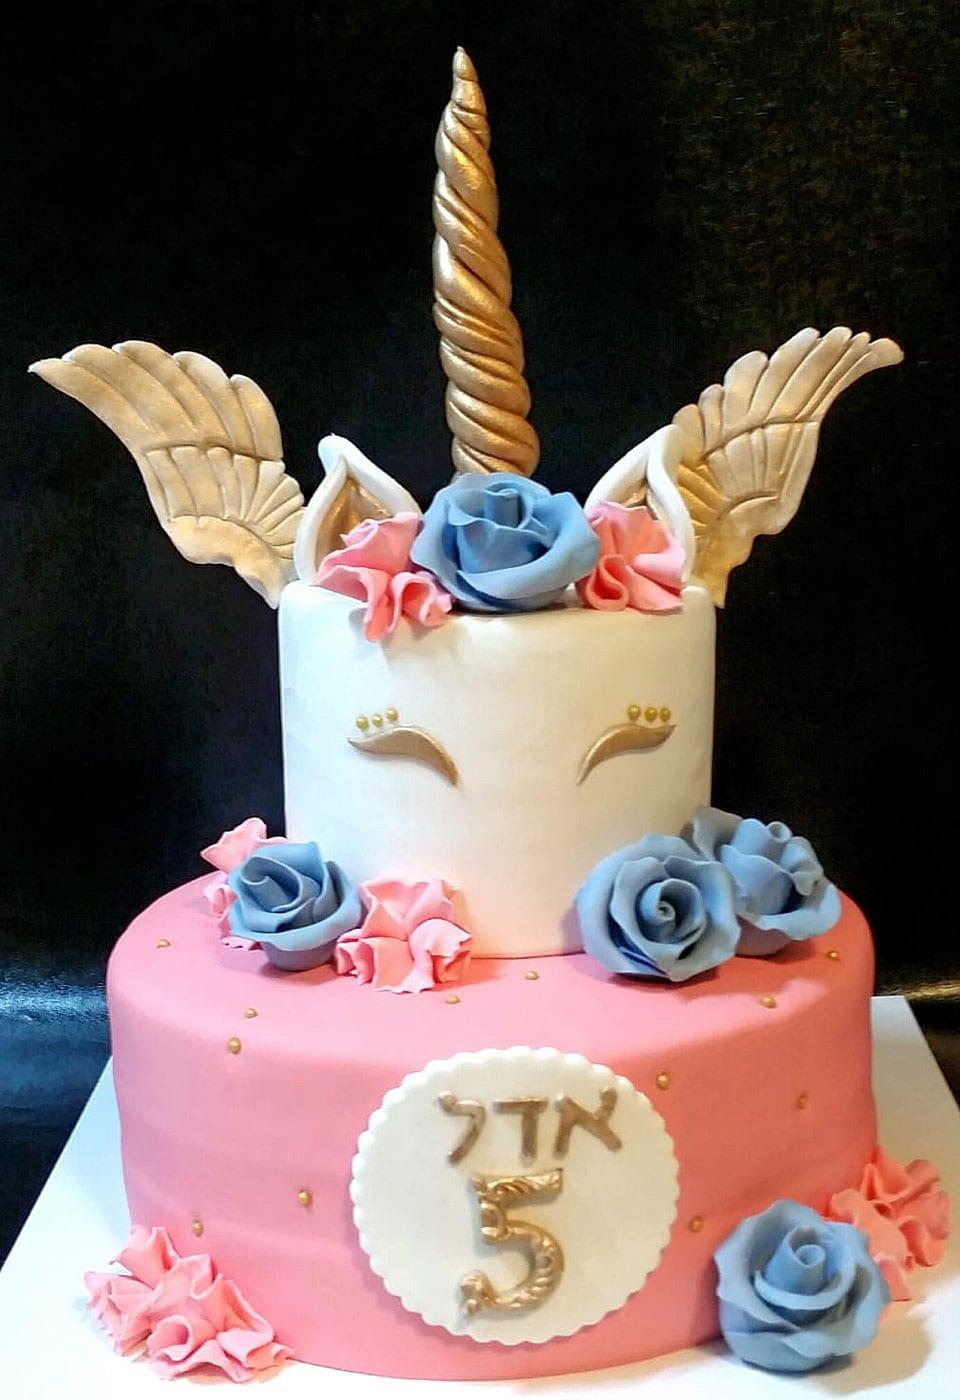 עוגת יום הולדת אדל לאלילנד